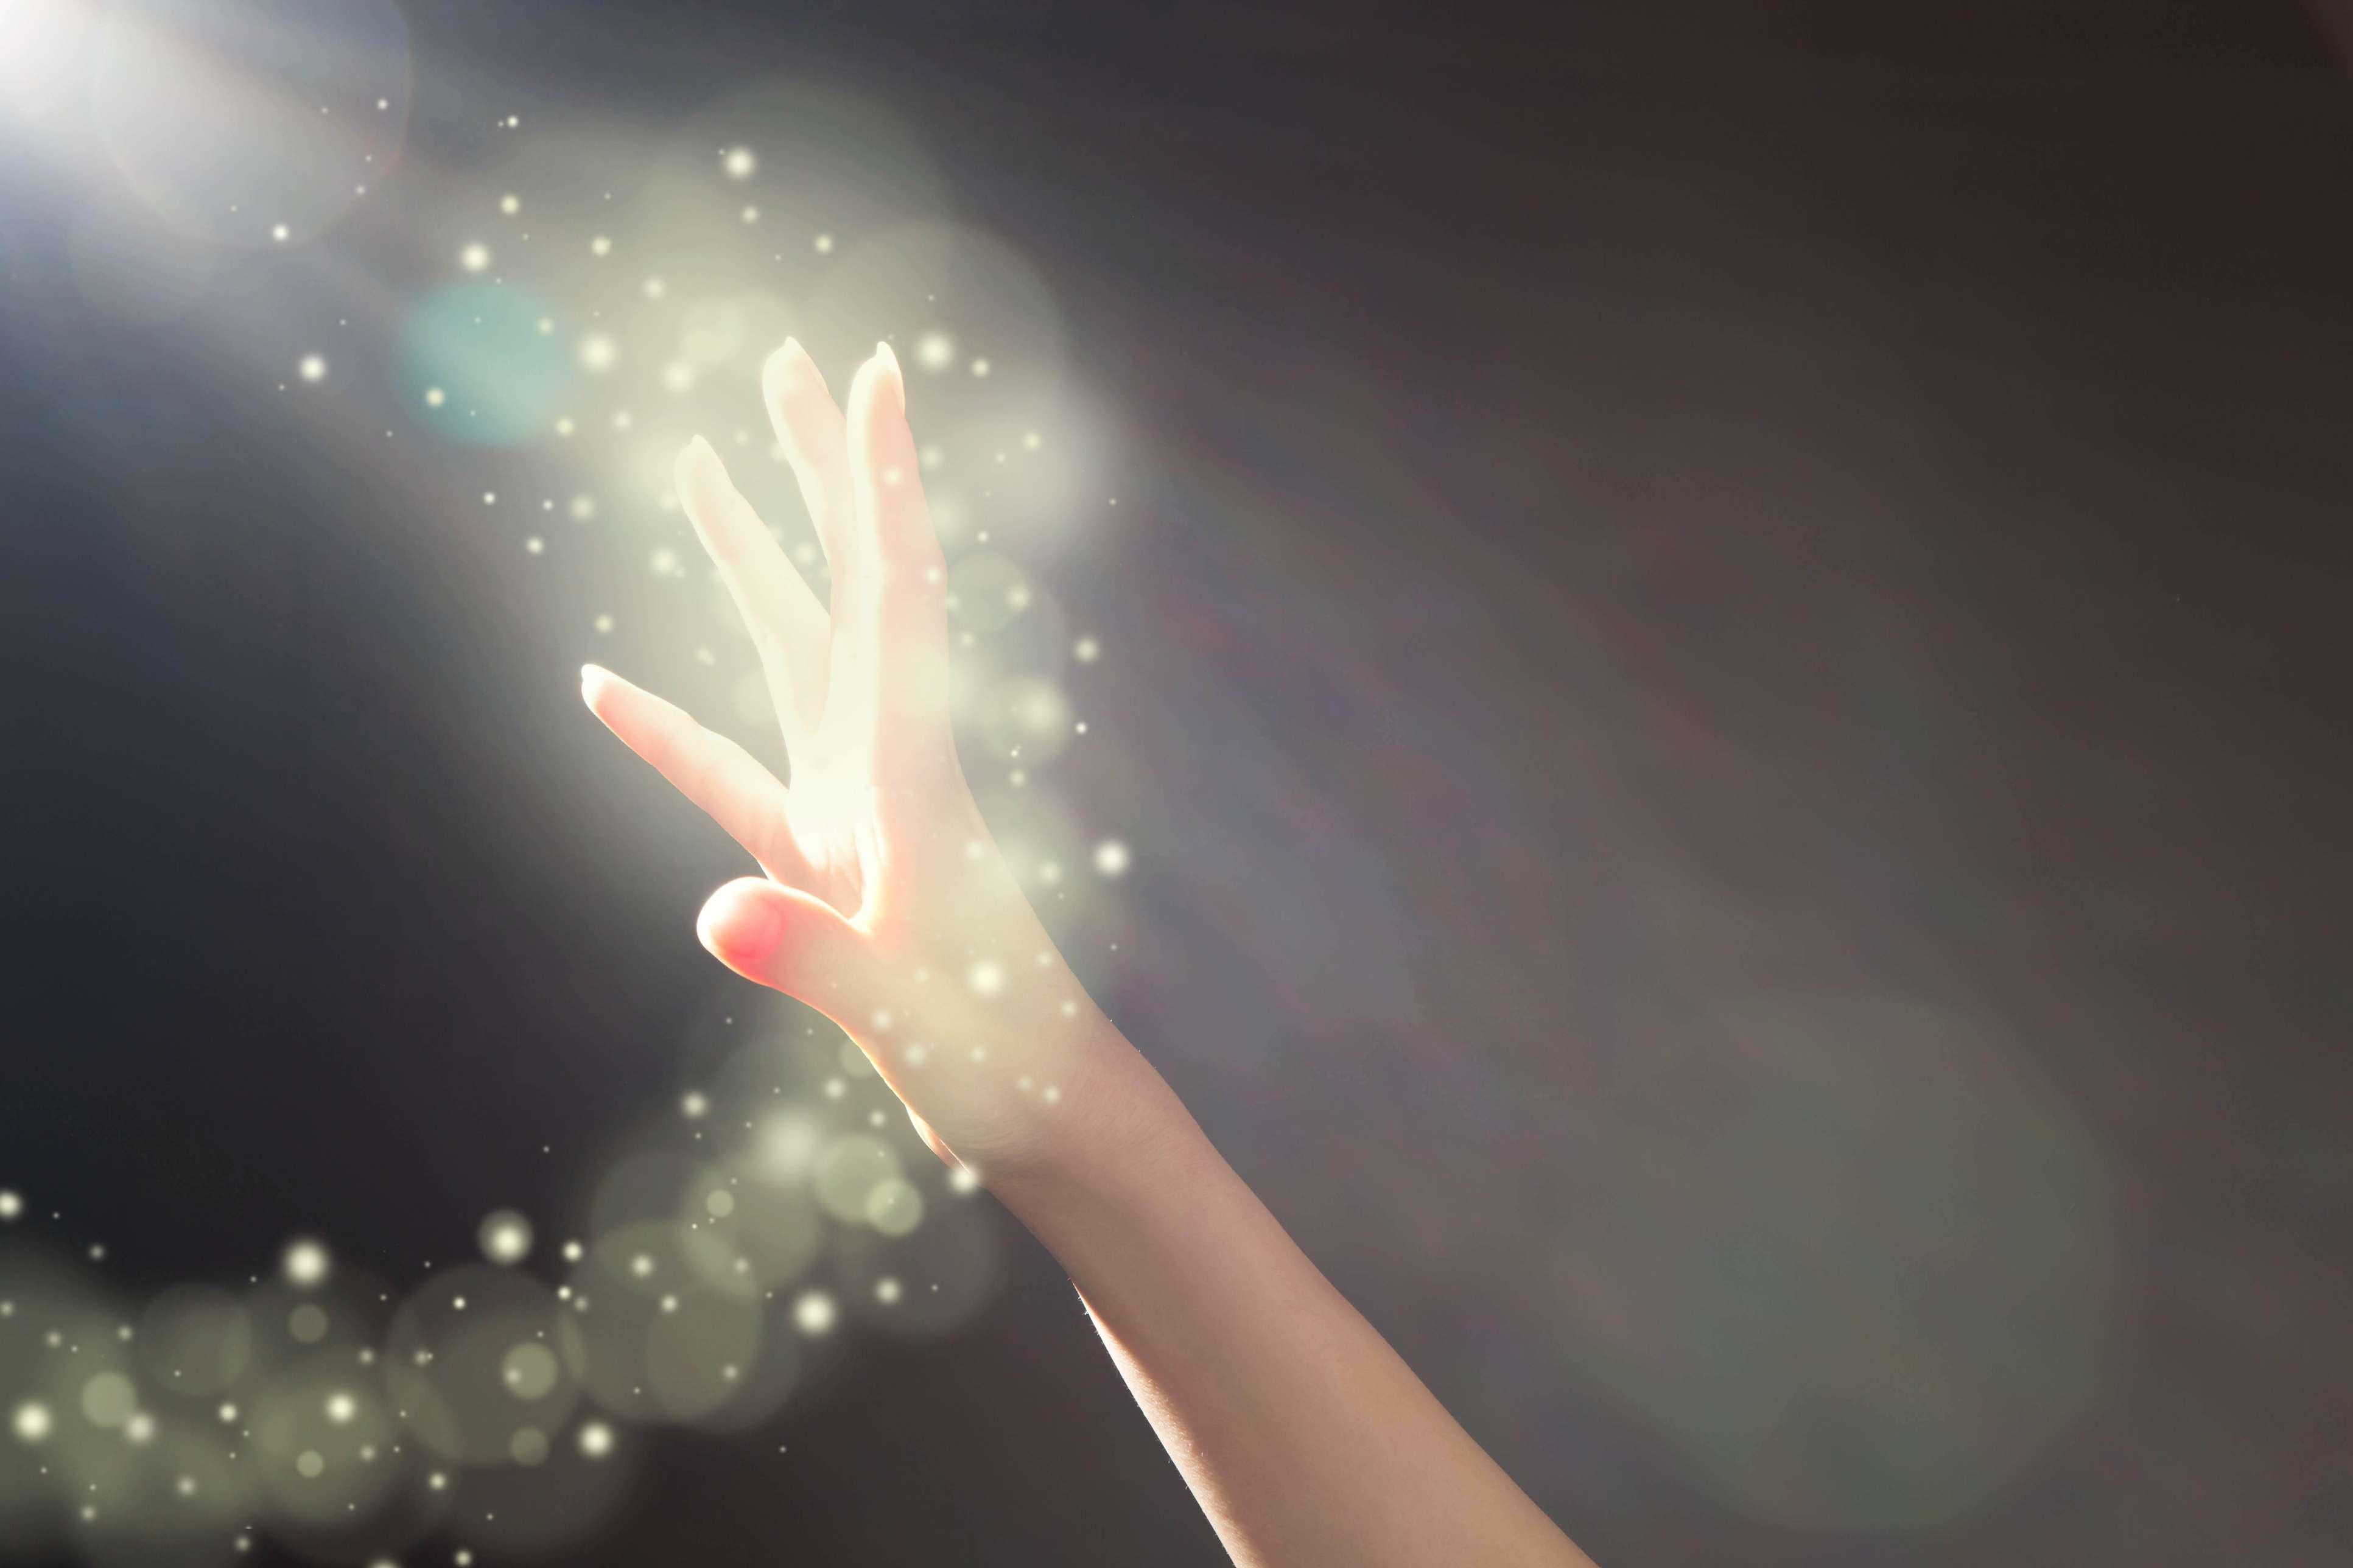 Hand reaching toward glowing light